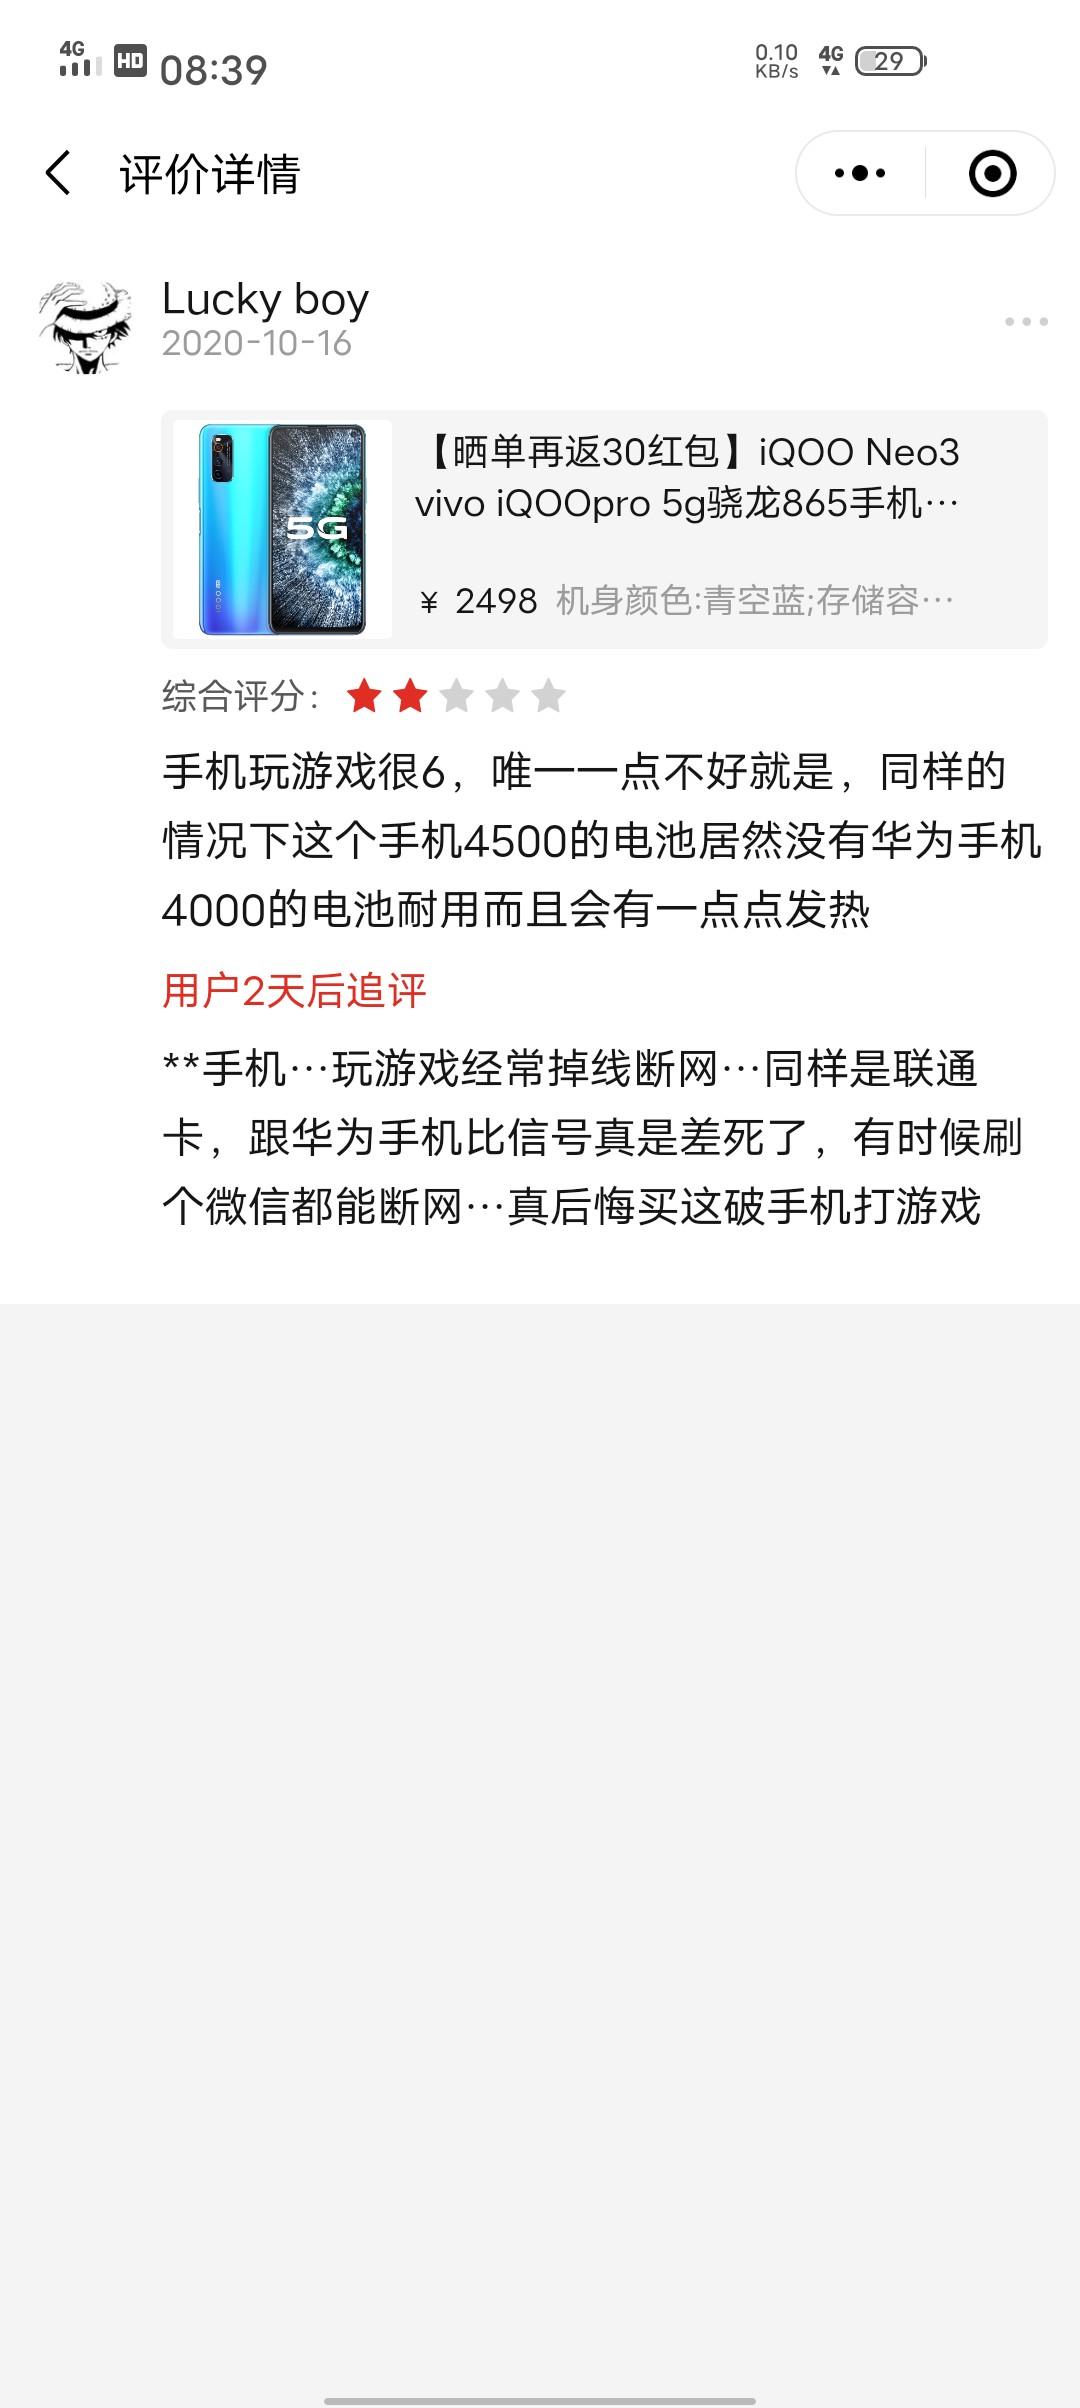 Screenshot_2020_1018_083919.jpg